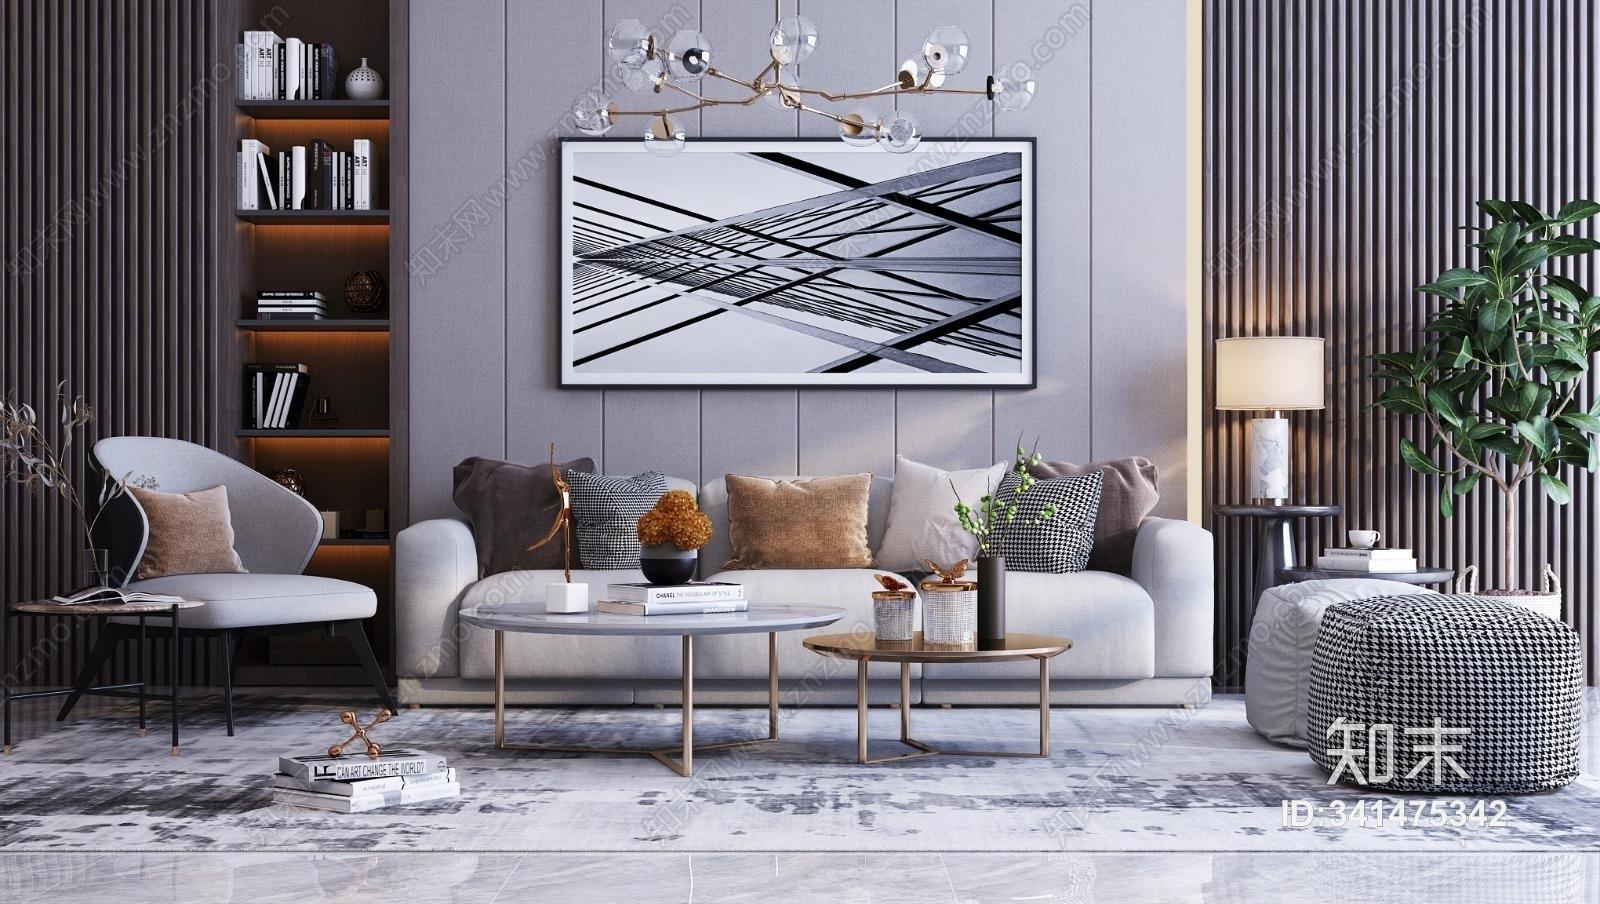 现代简约沙发茶几组合 挂画 休闲椅 吊灯 装饰品 书籍 摆件